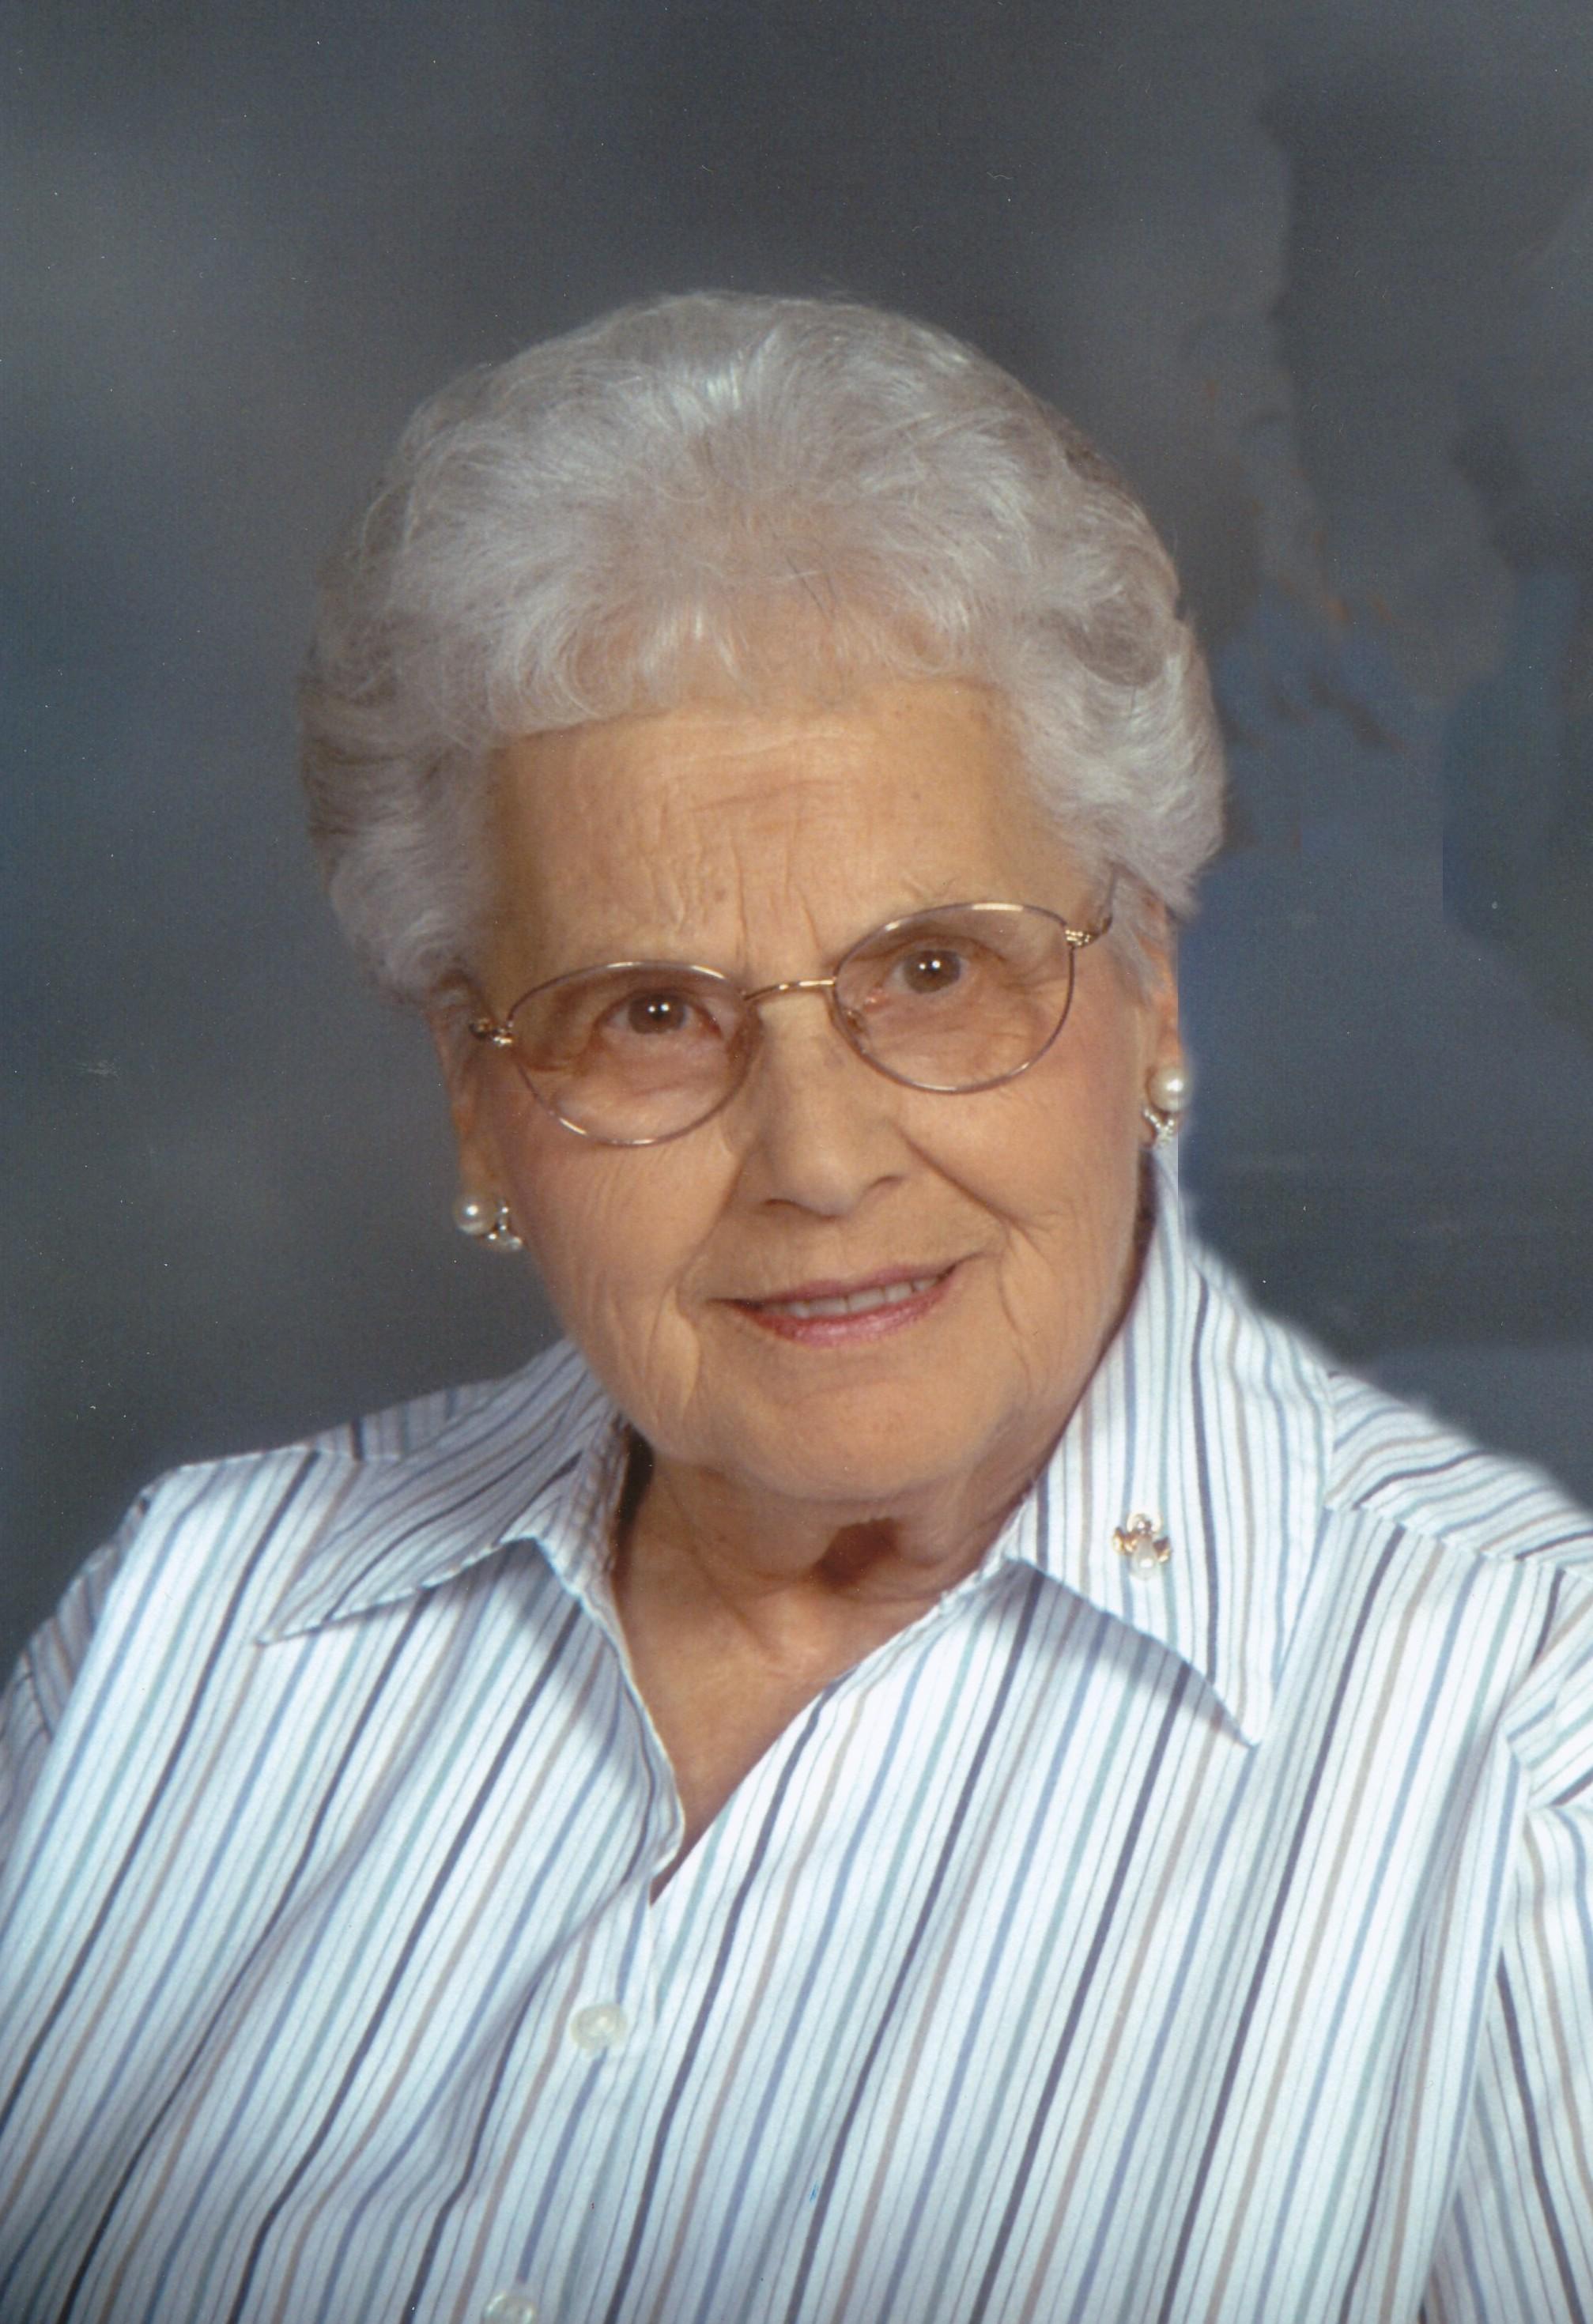 Vera M. Hansen. age 97, of Pilger, Nebraska